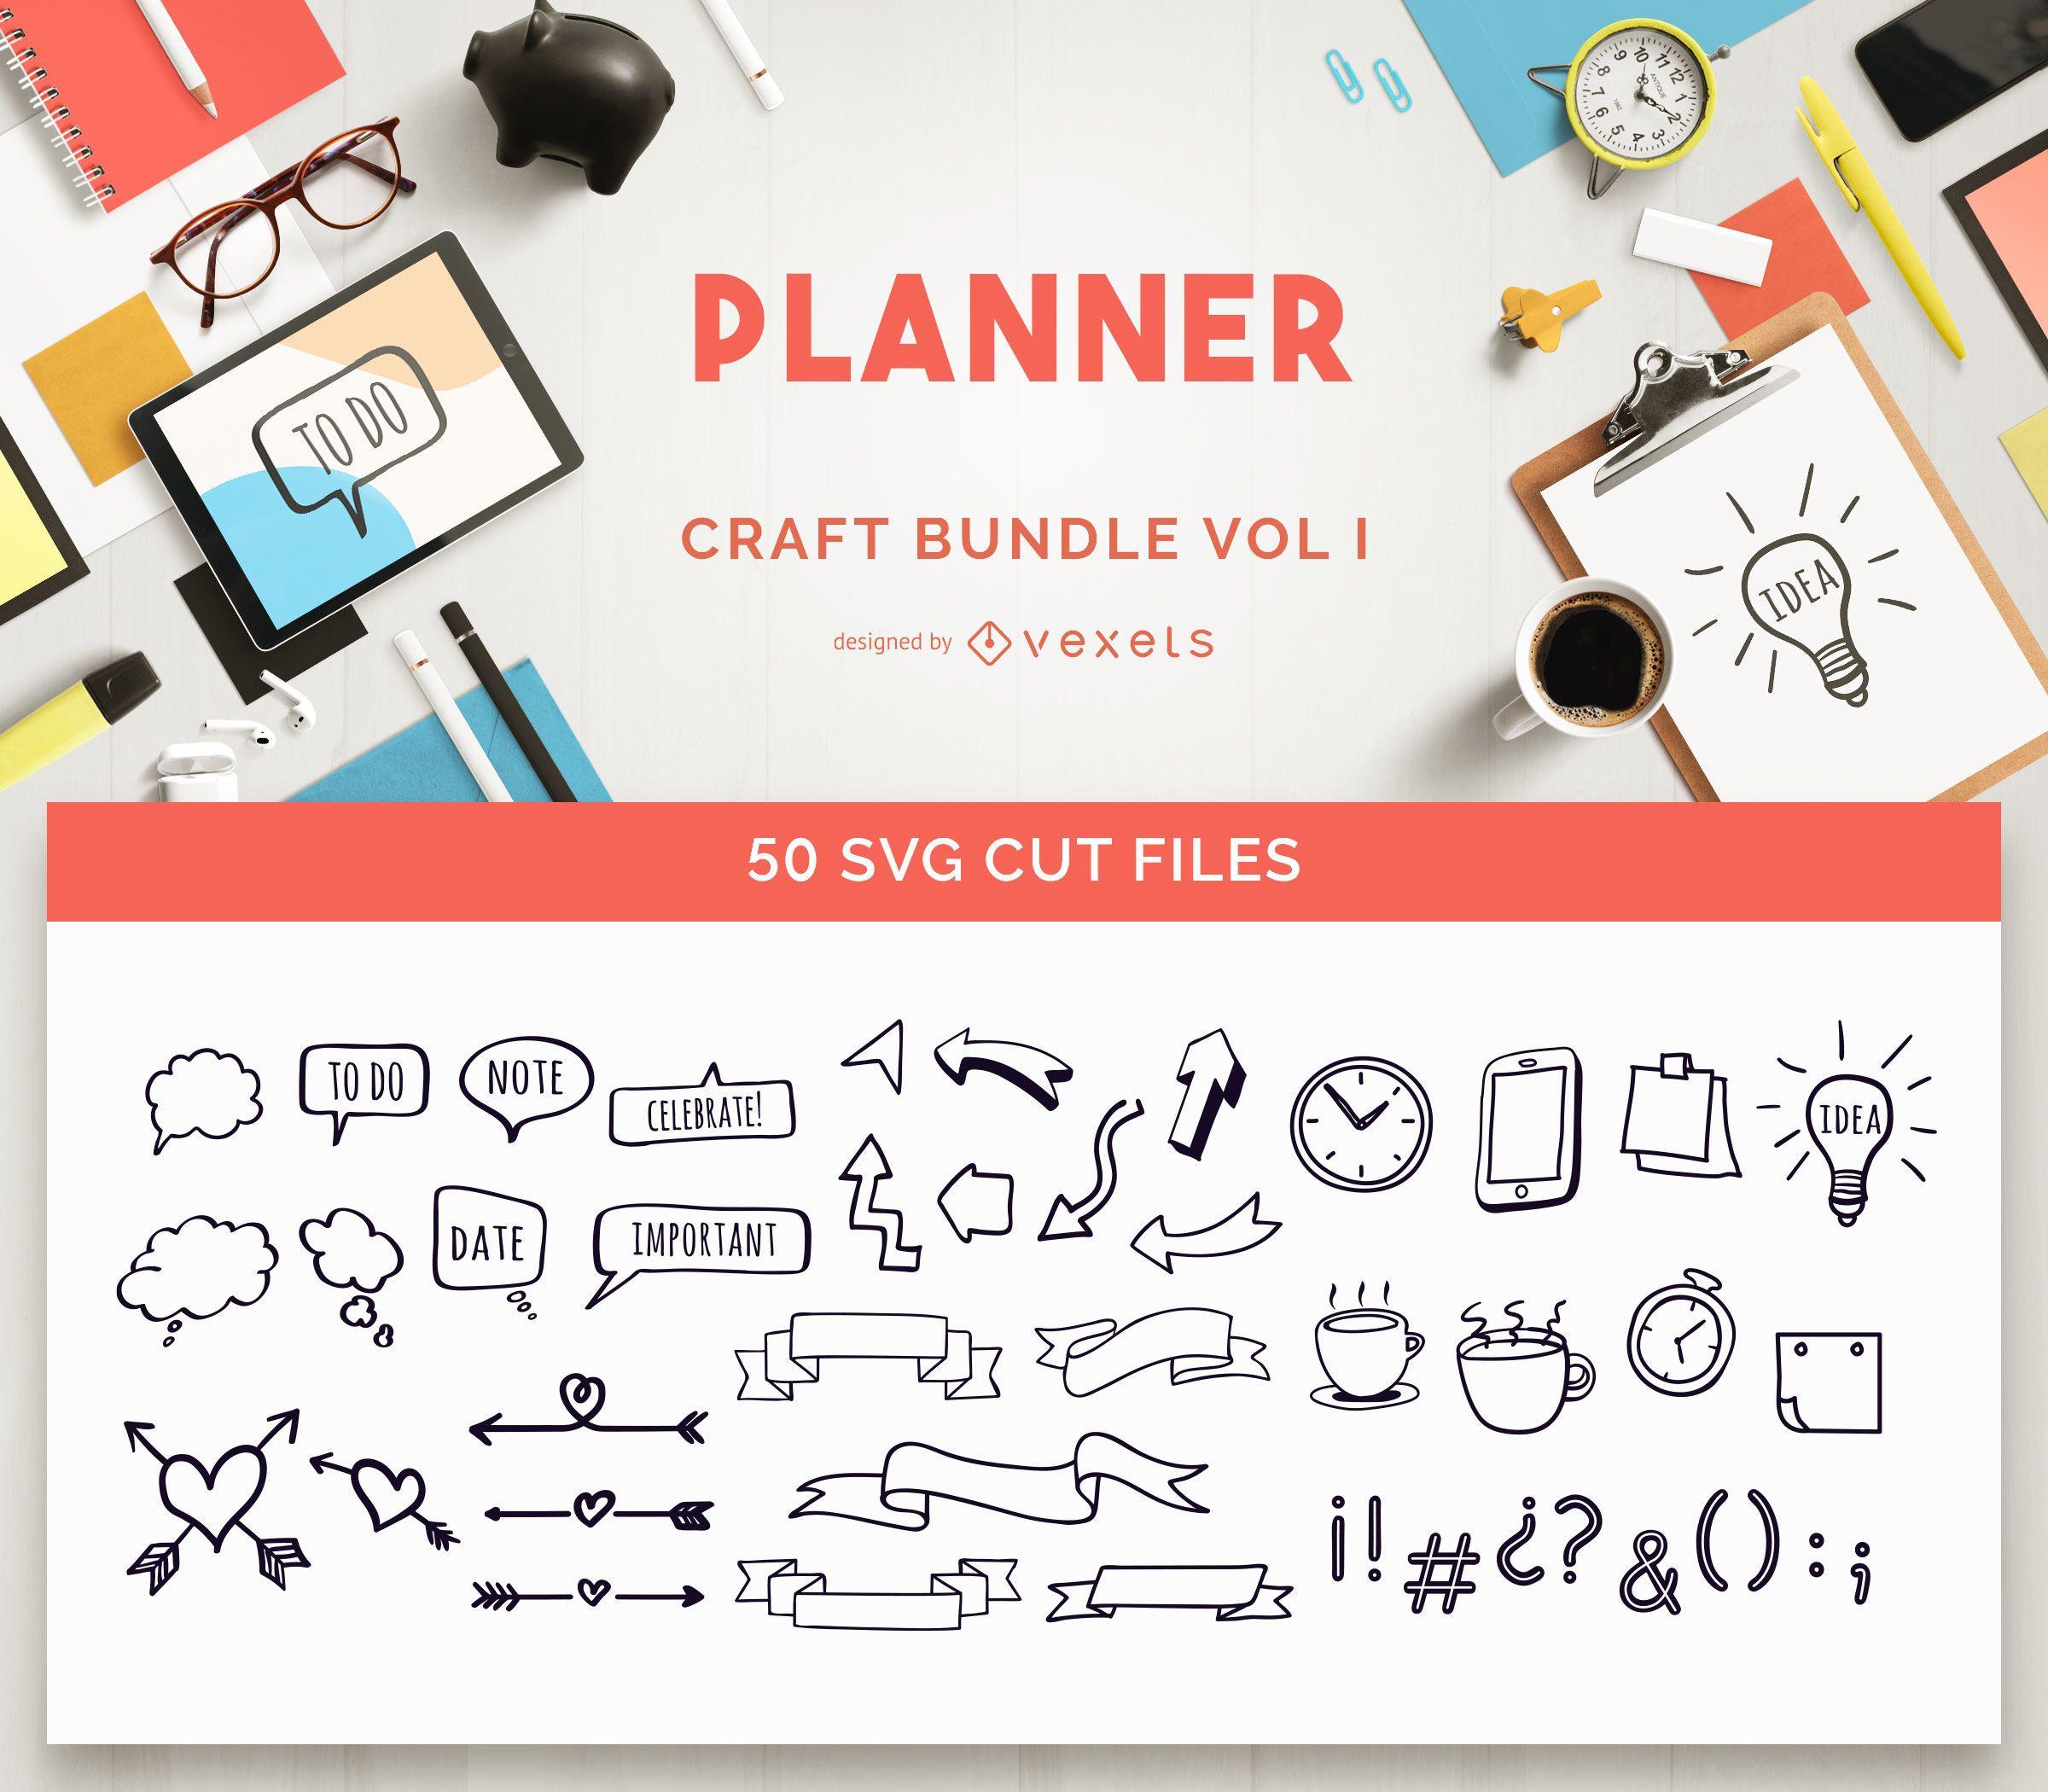 Planner Craft Bundle Vol I